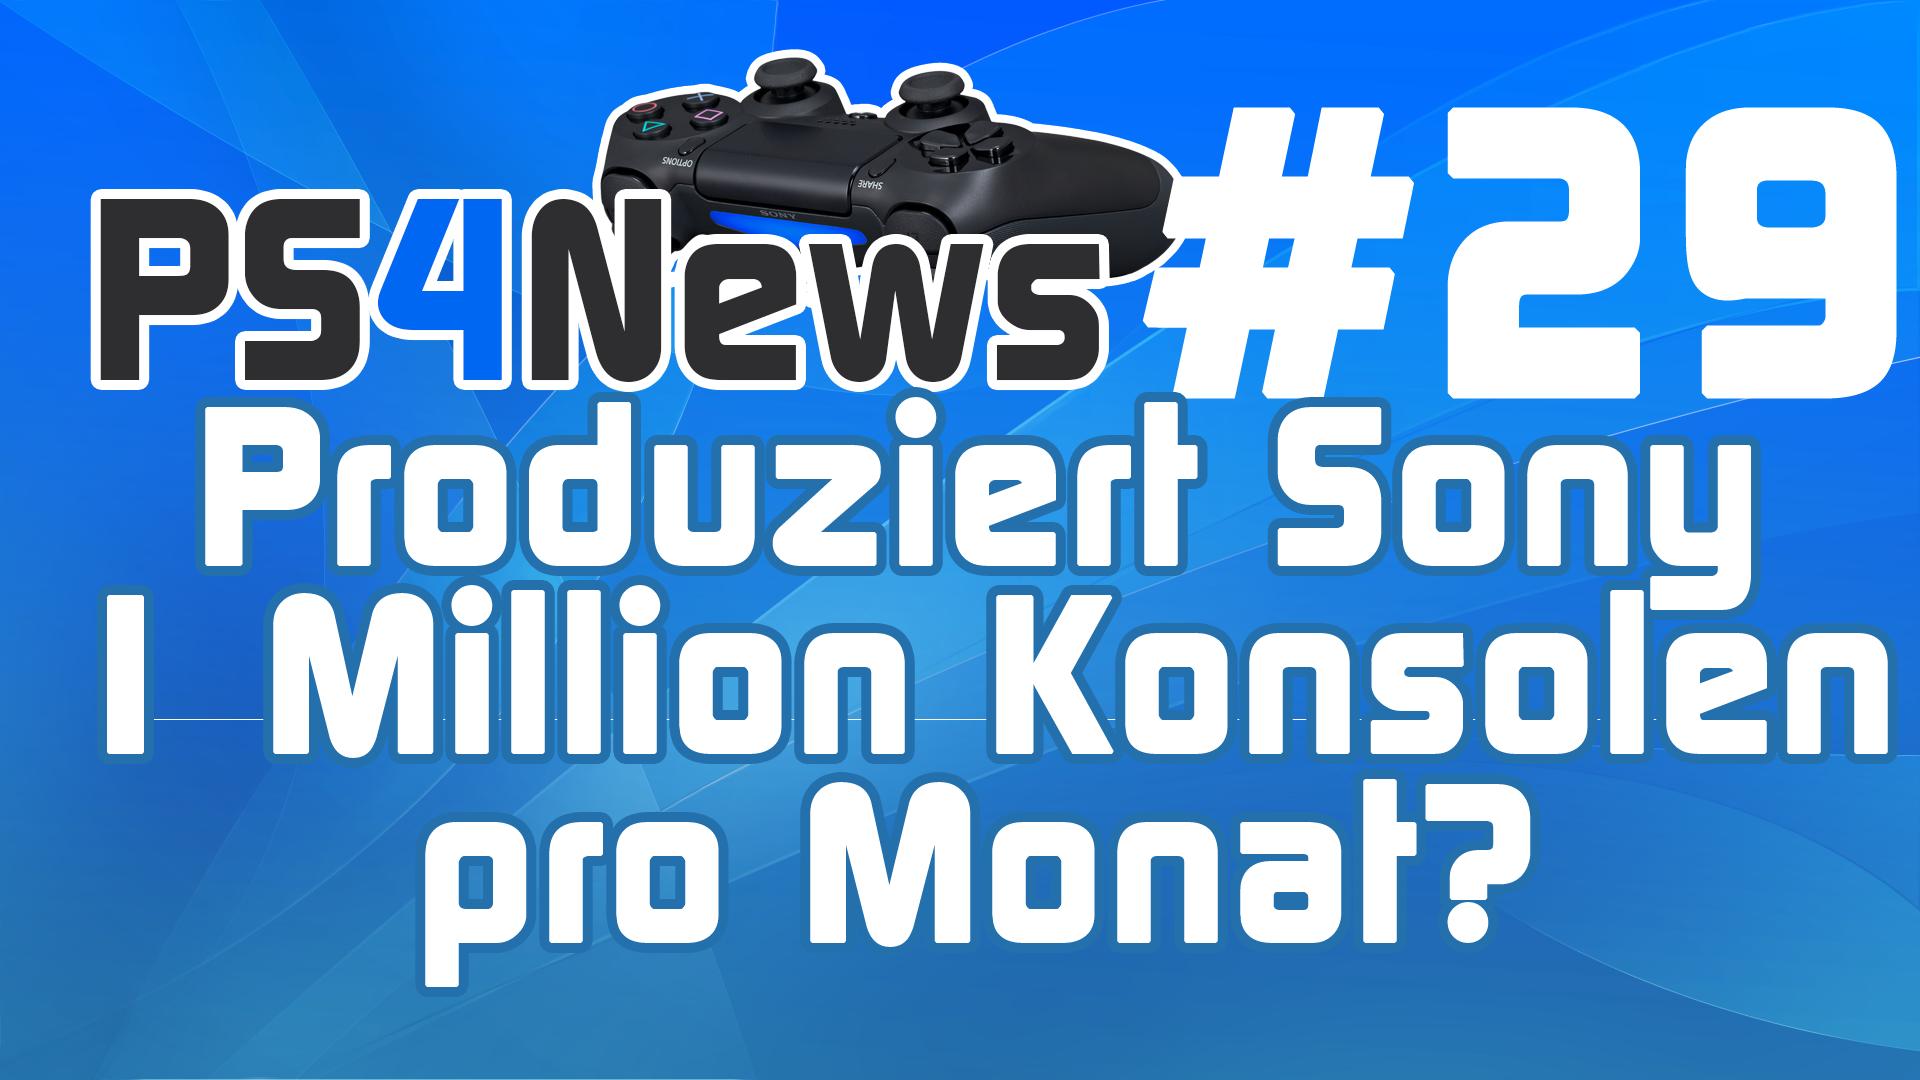 Produziert Sony 1 Million PS4 Konsolen pro Monat? Kommt DriveClub im Februar? PS4 News des Tages